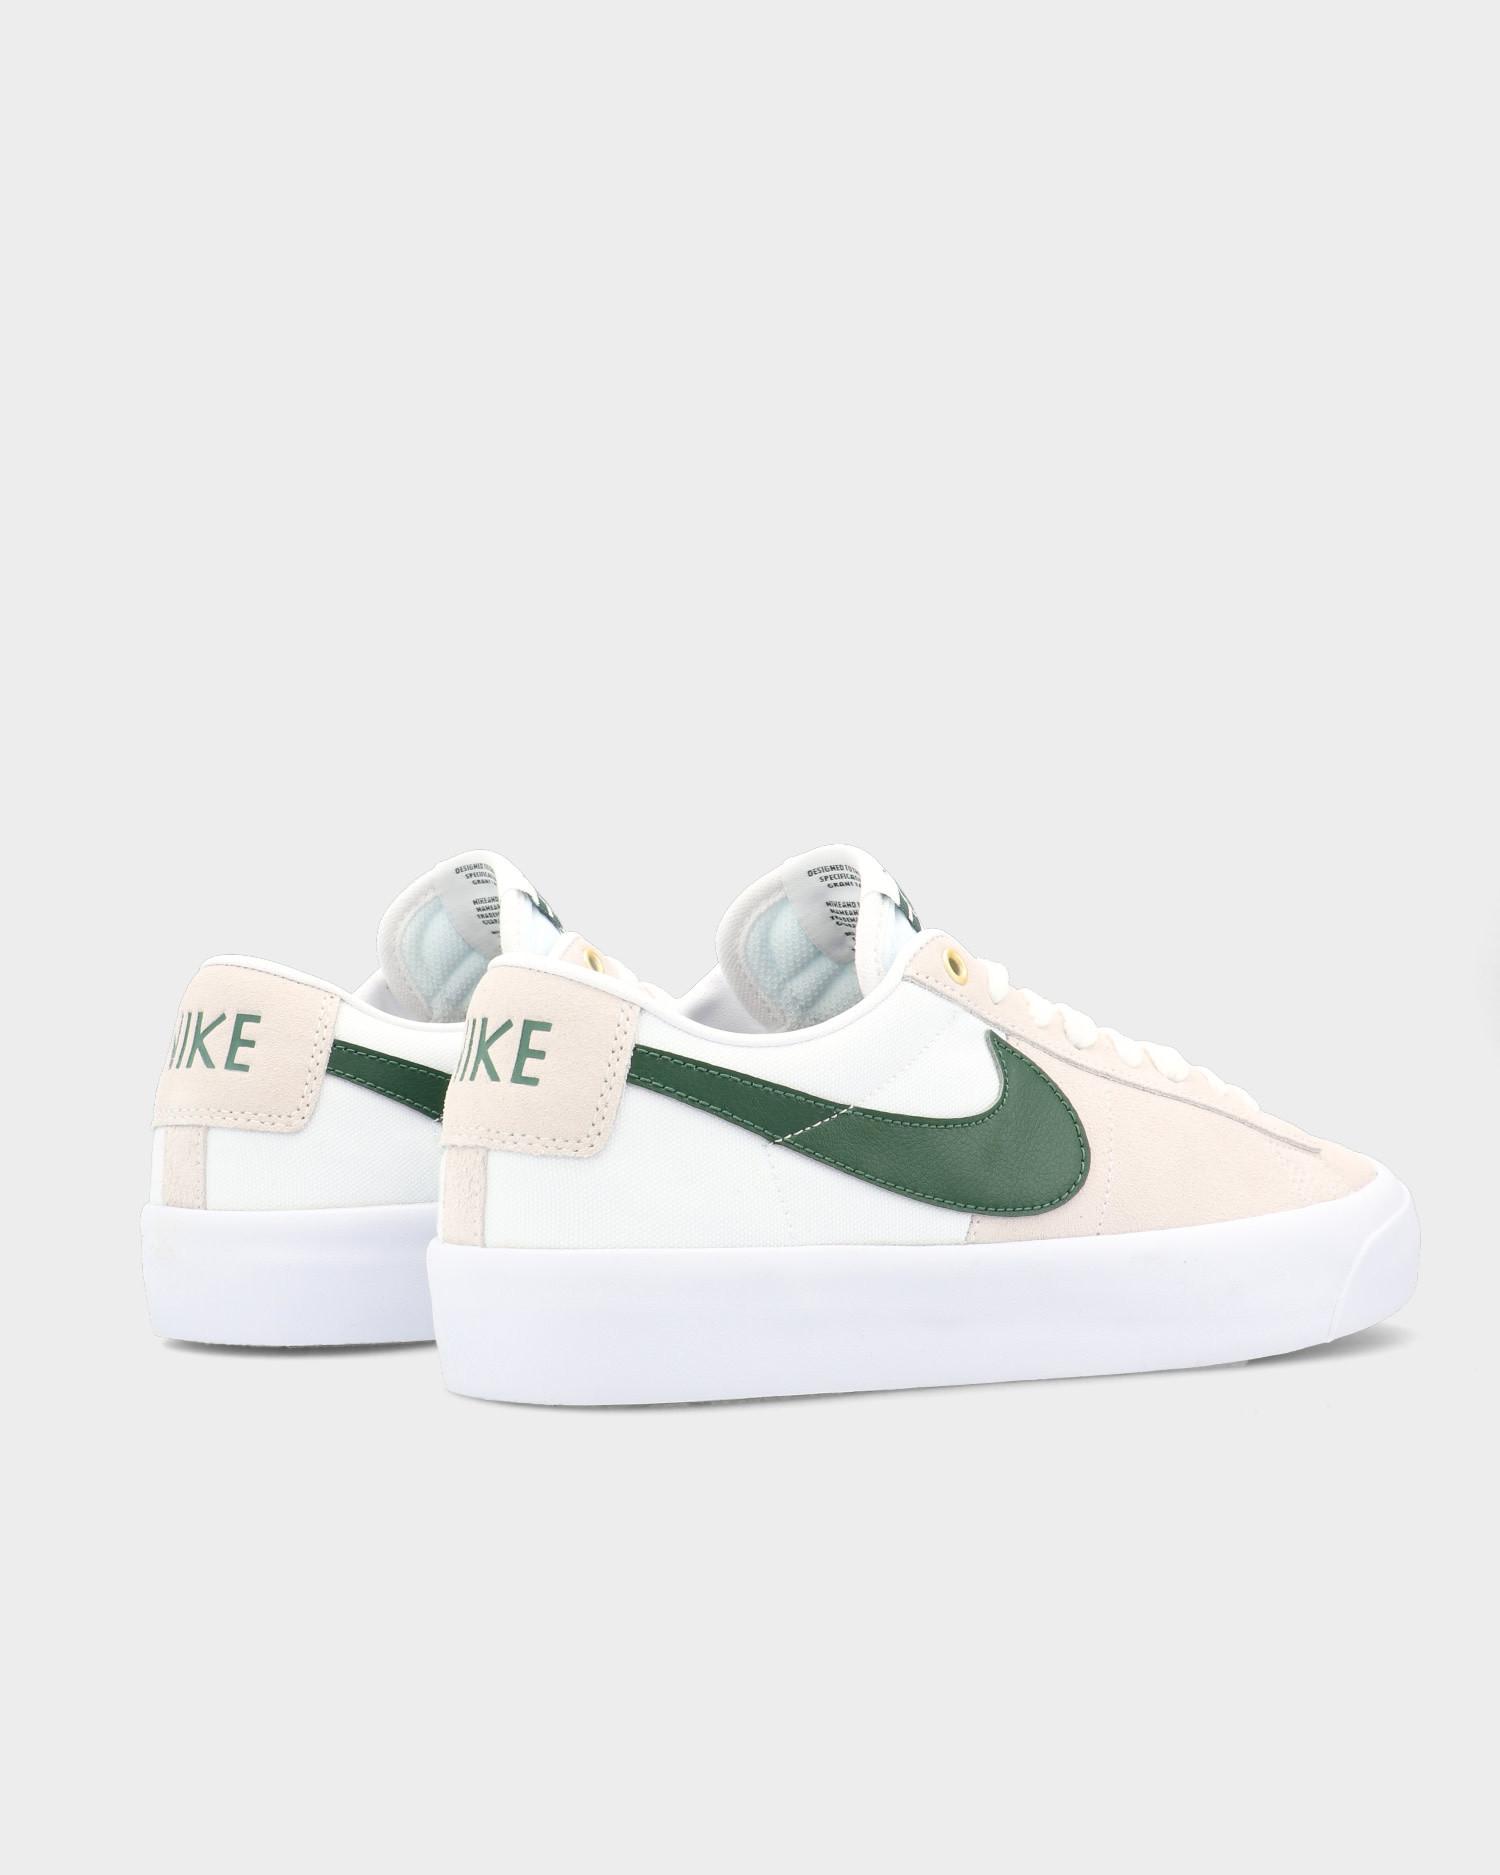 Nike SB Blazer Low Pro GT White/Fir-White-Gum Light Brown